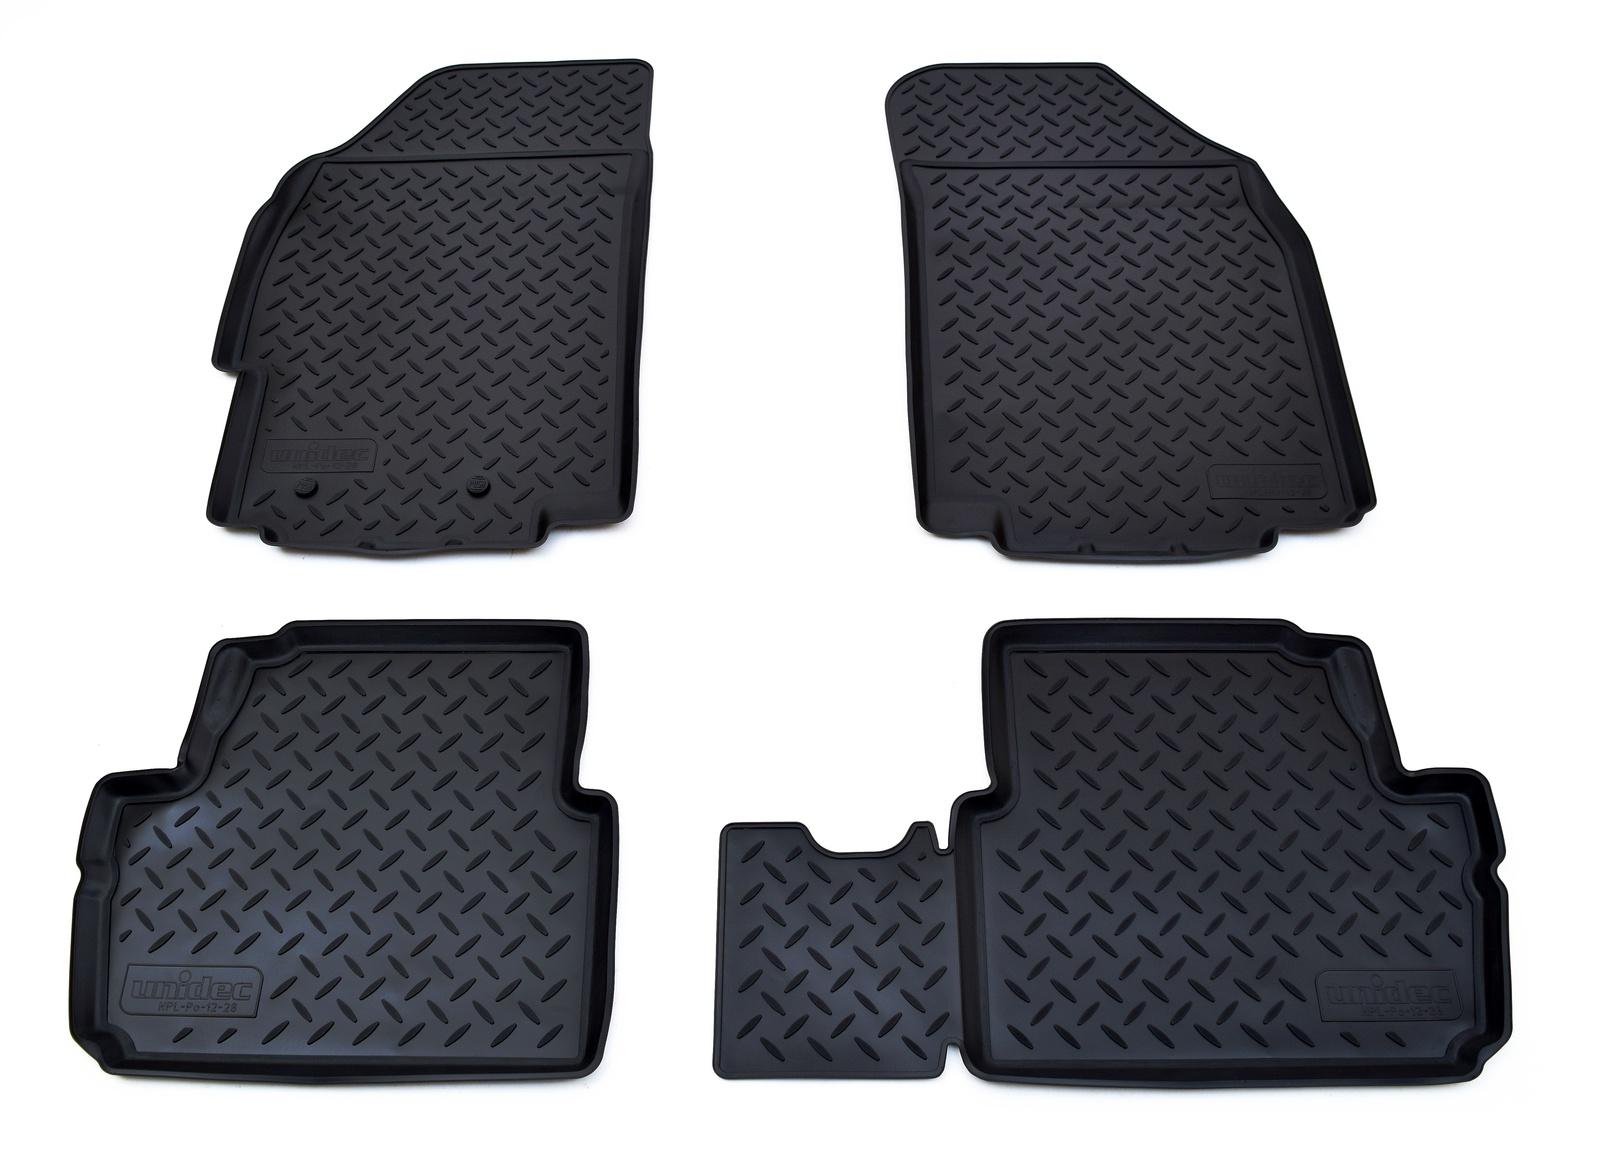 цена на Коврики в салон Norplast для Chevrolet Spark 2011, для Ravon R2 2016, NPL-Po-12-28, черный